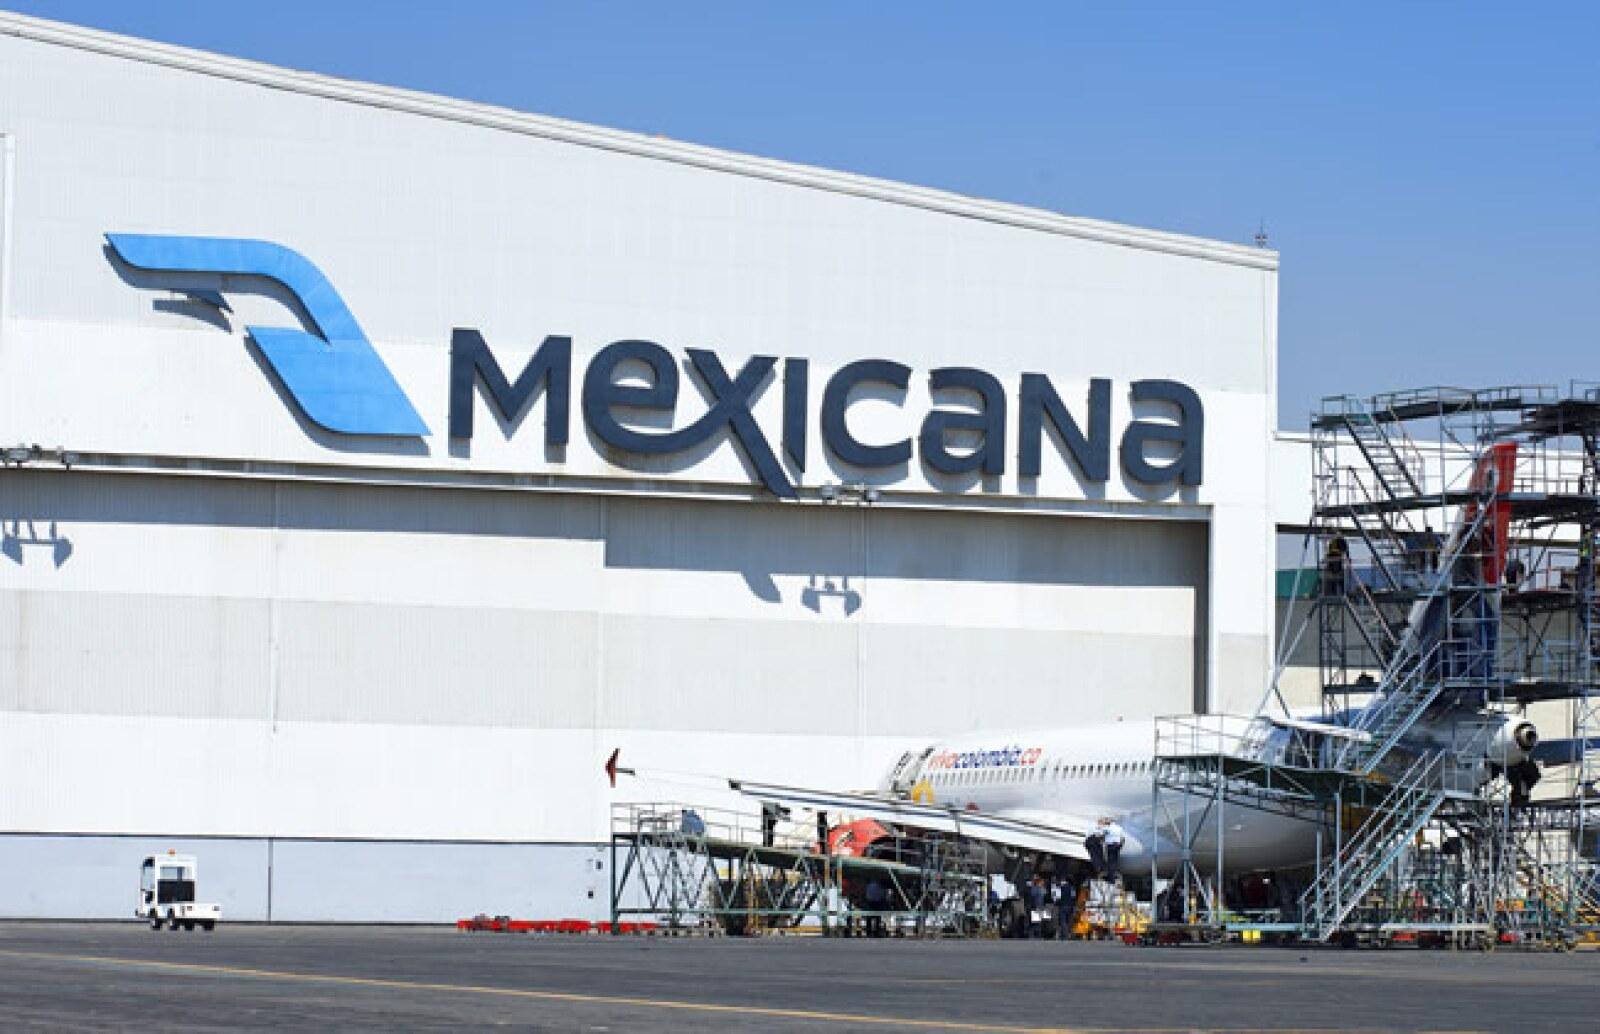 El MRO de Mexicana es considerada la m�s importante en la aviaci�n mexicana